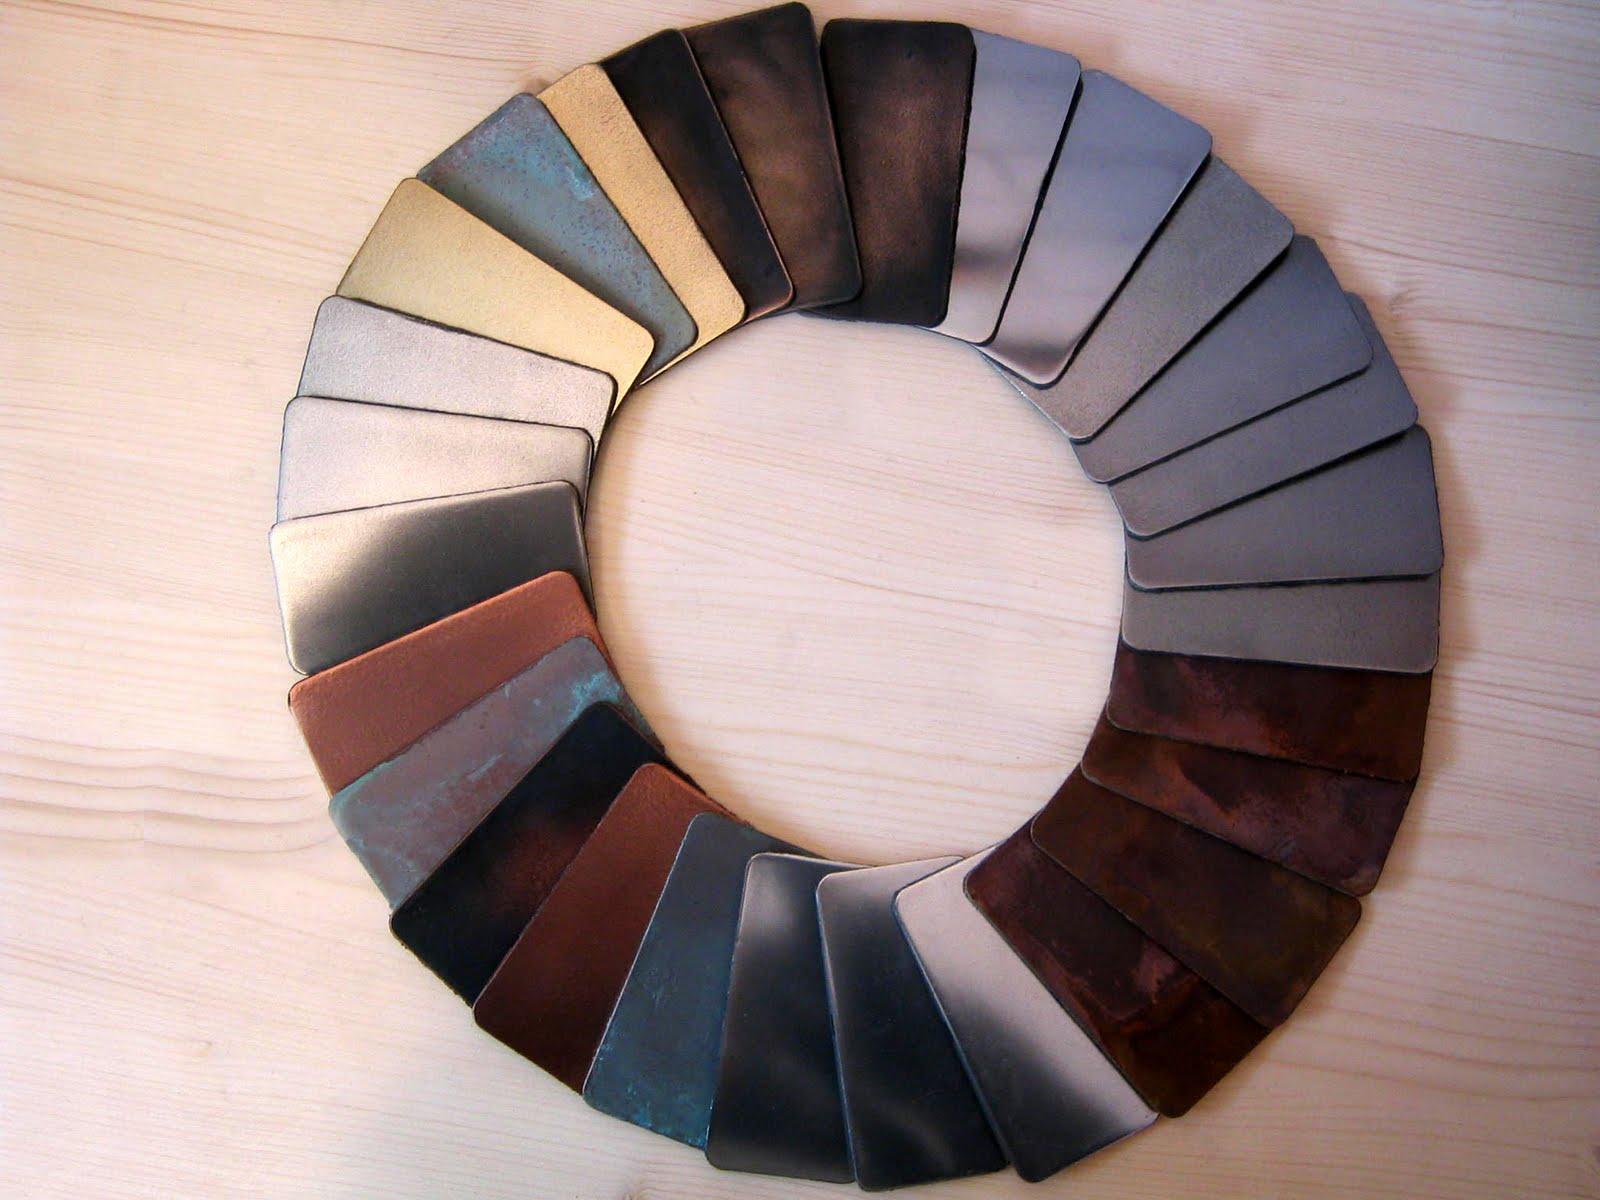 verometal beschichtung mit echtmetall juni 2010. Black Bedroom Furniture Sets. Home Design Ideas